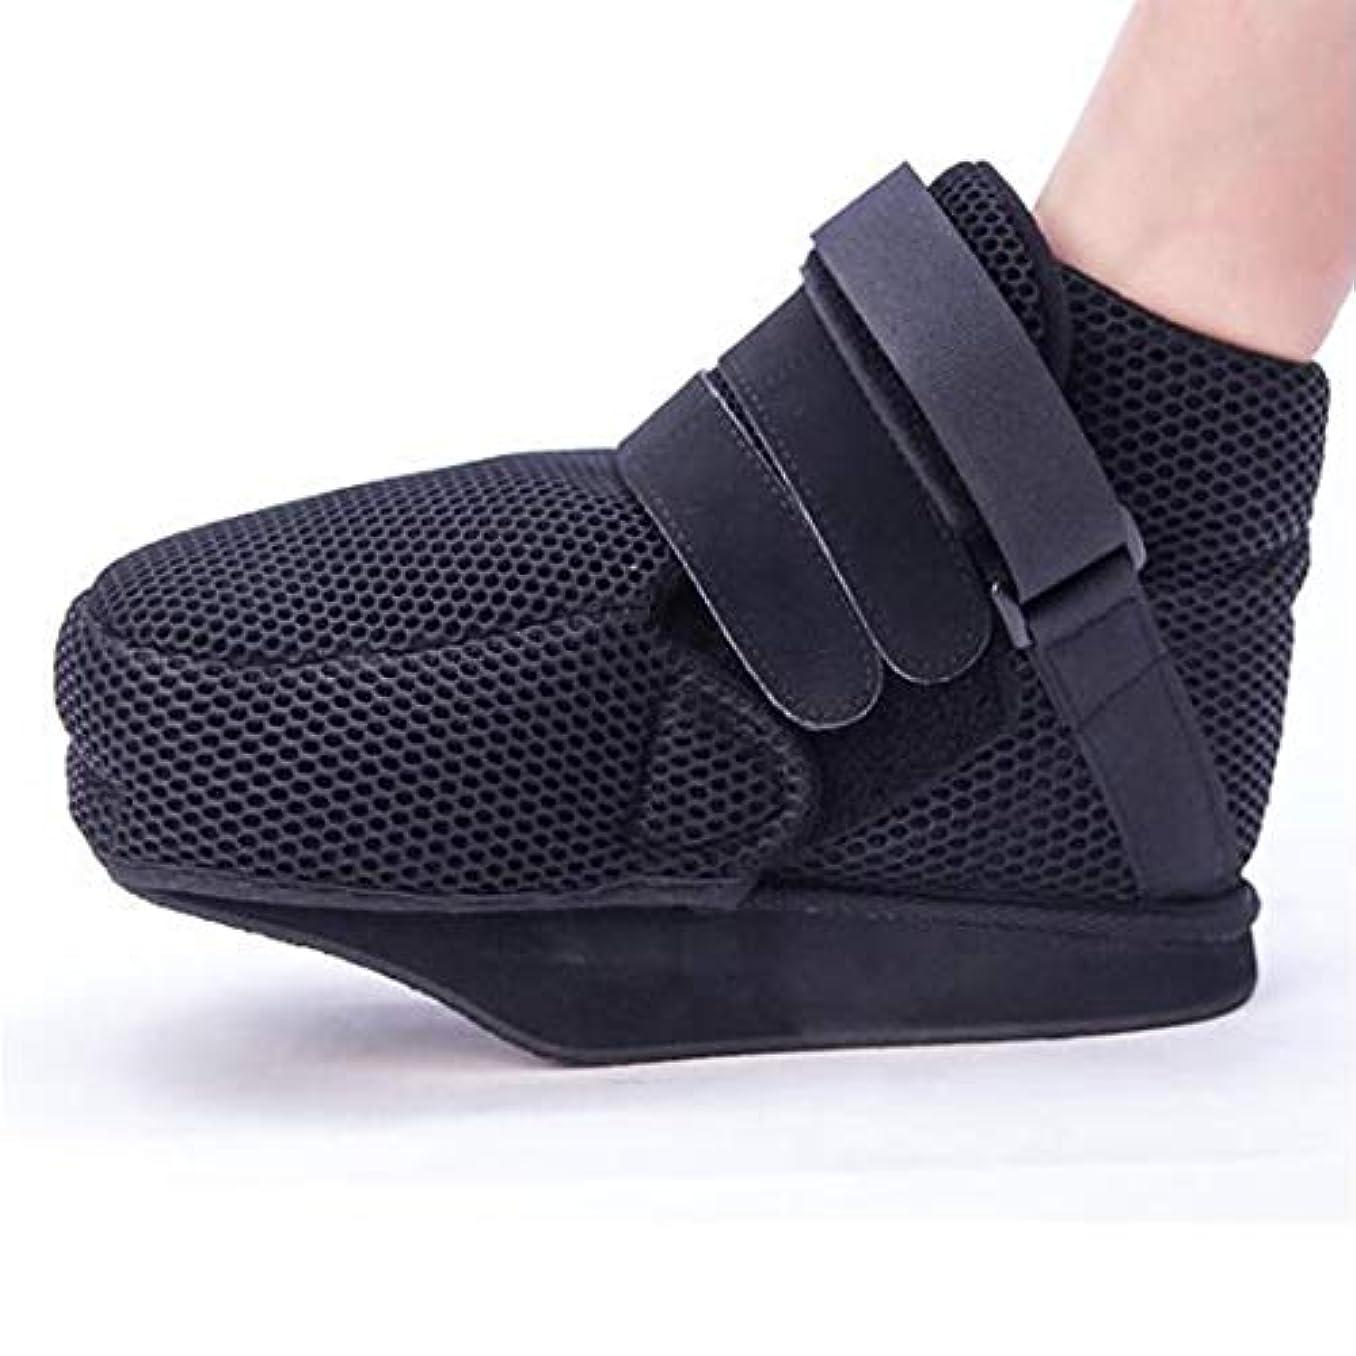 後方自慢金貸し医療足骨折石膏の回復靴の手術後のつま先の靴を安定化骨折の靴を調整可能なファスナーで完全なカバー,S24cm